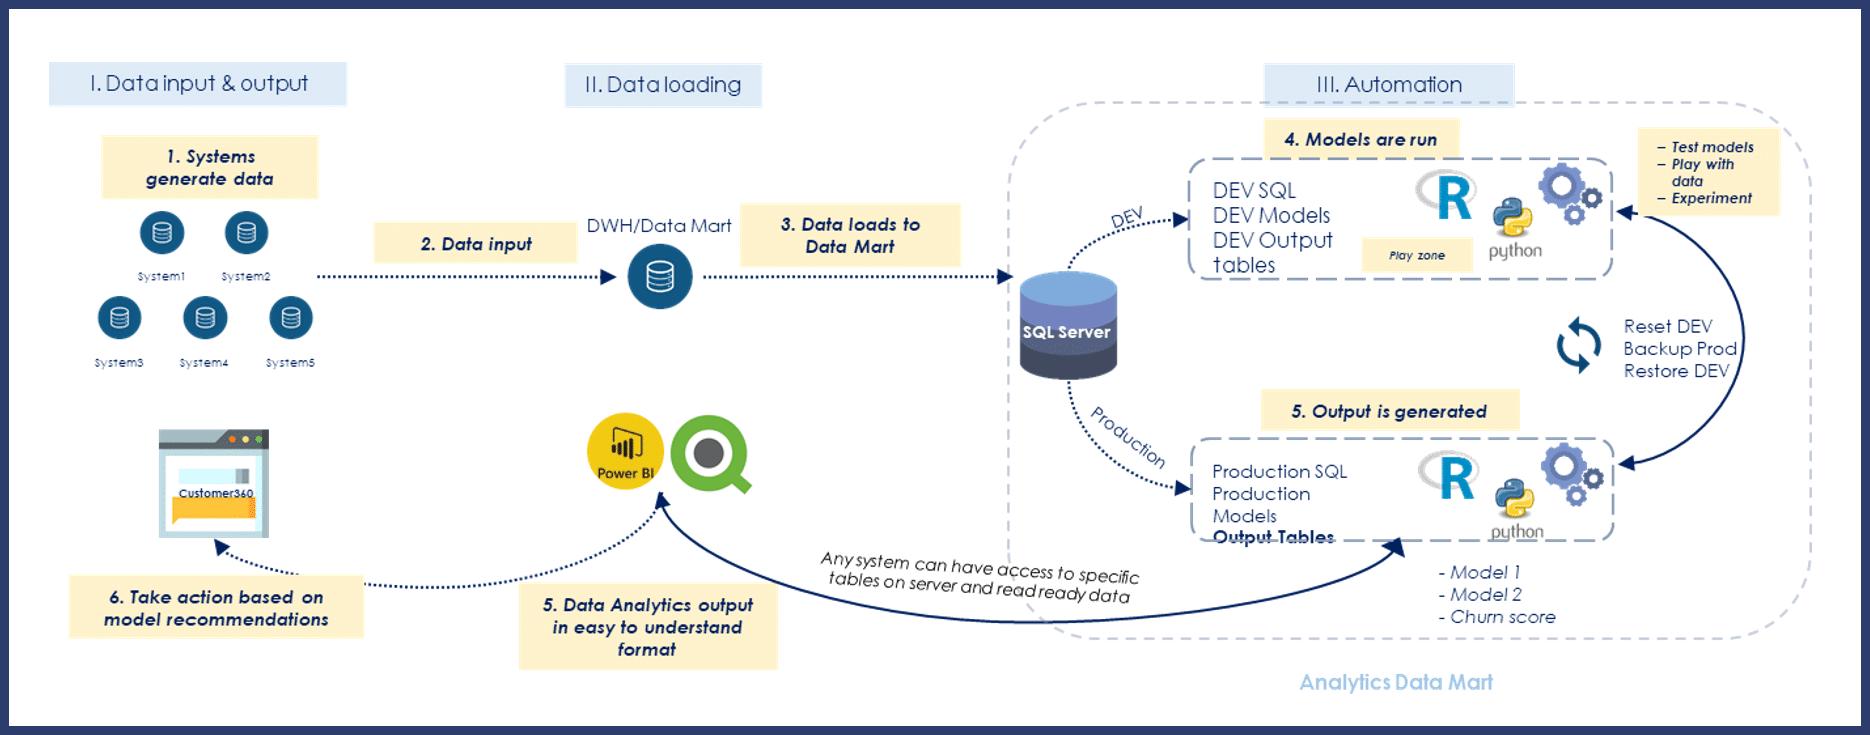 Data science model implementation for data governance